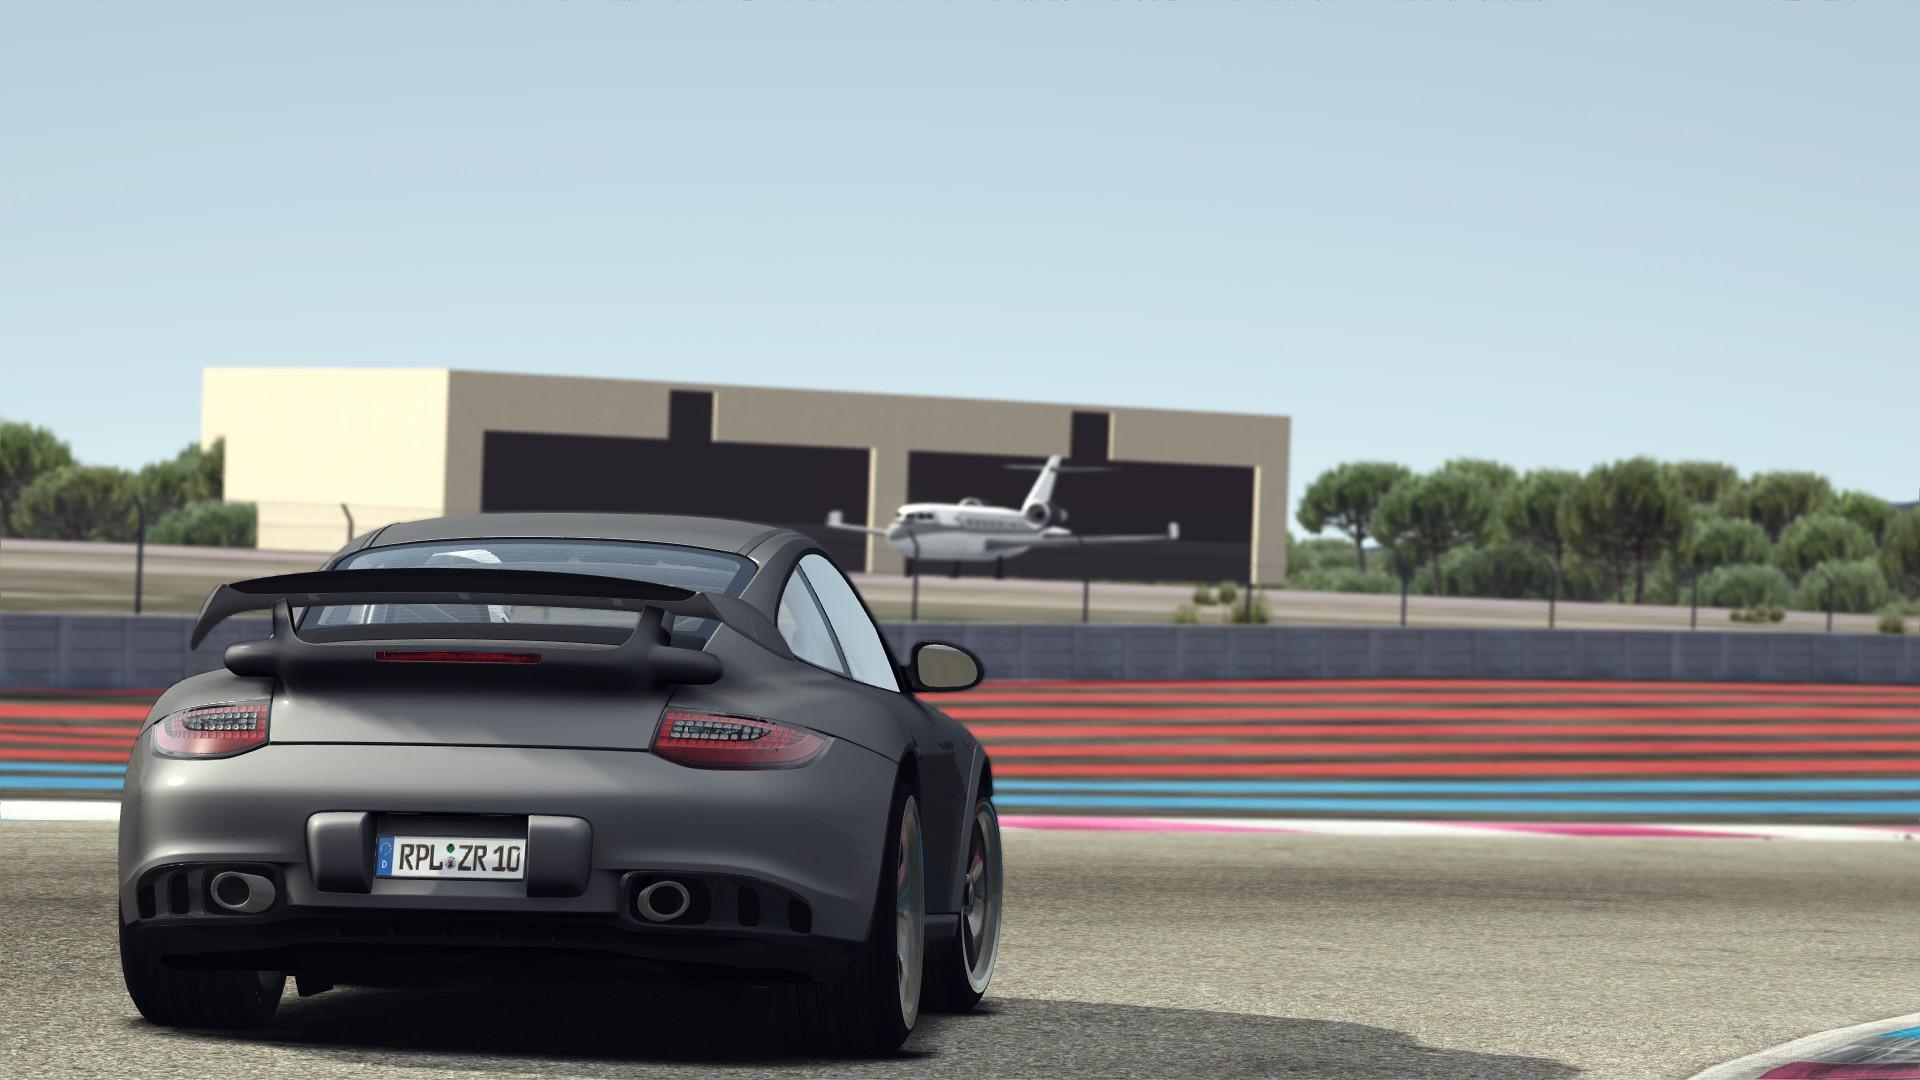 Porsche 997 GT2RS Assetto Corsa 1.14 094.jpg